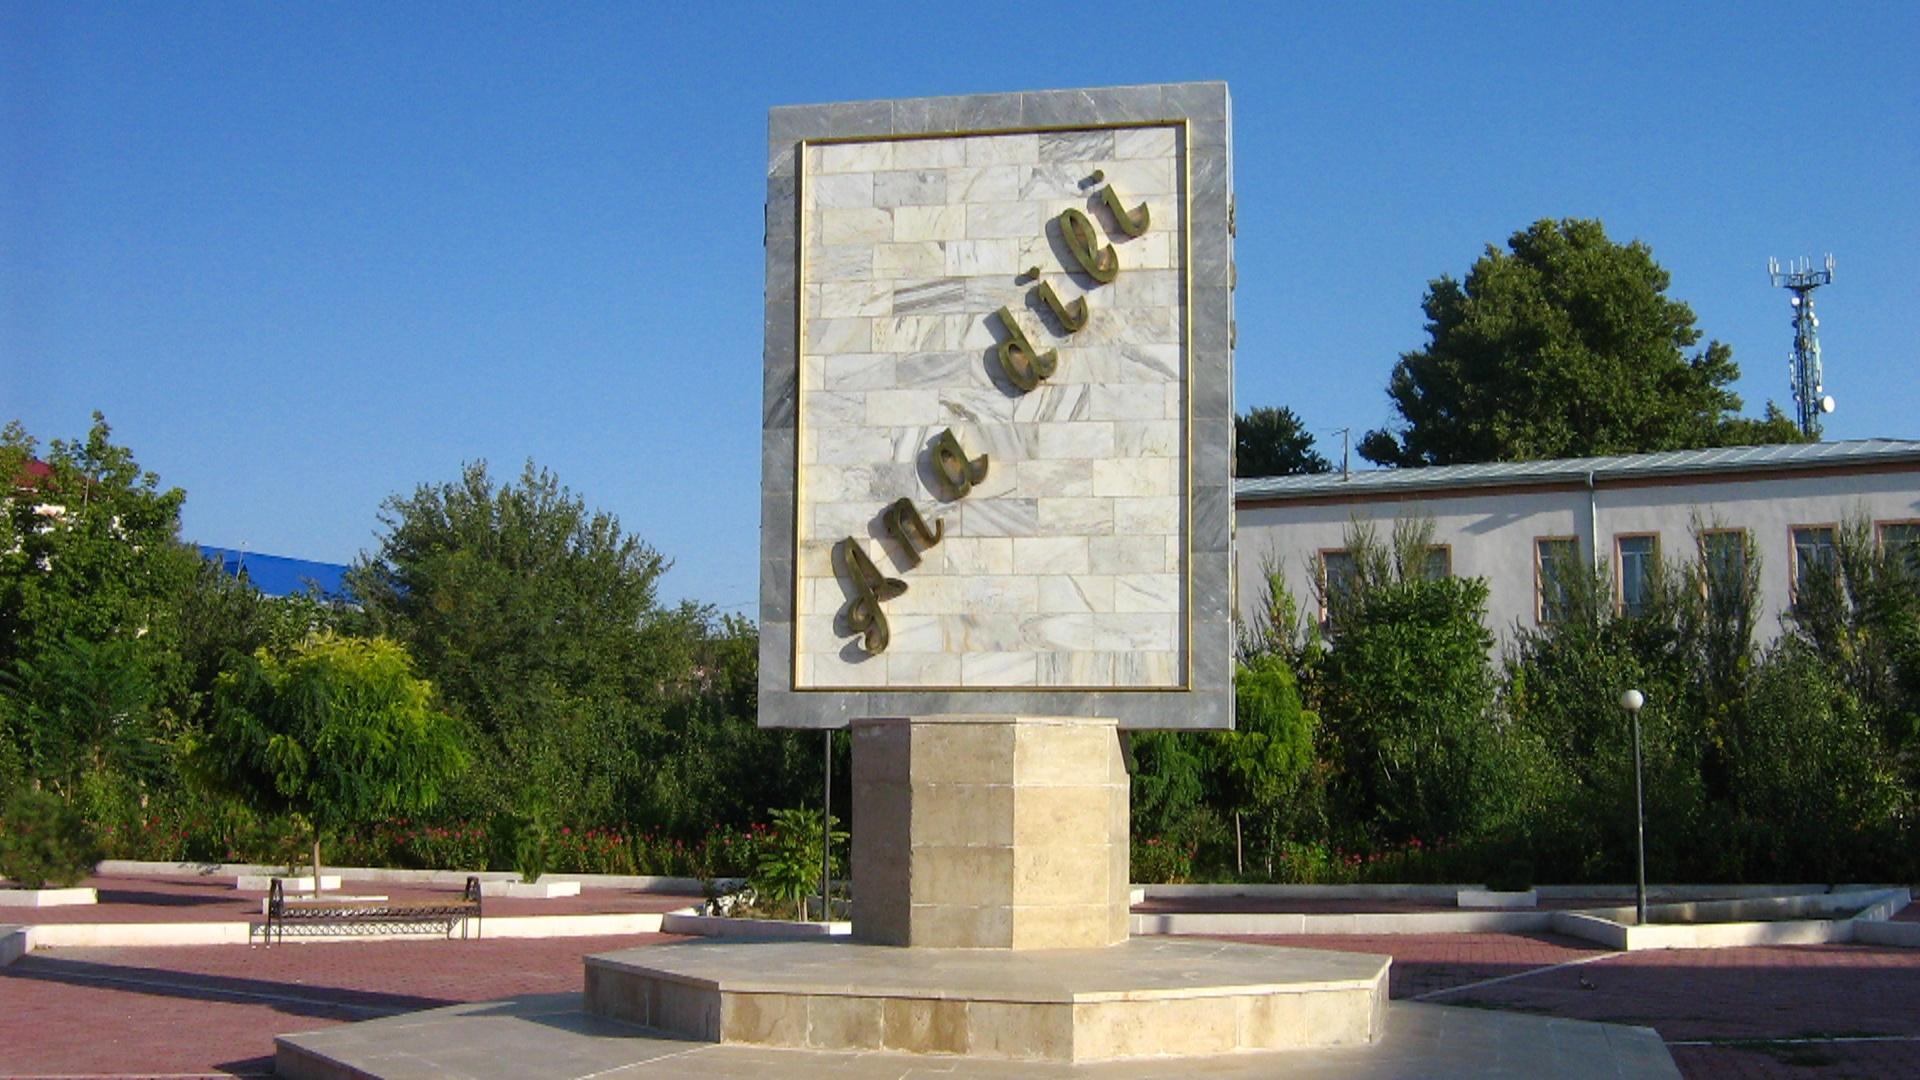 Azərbaycan dilinin qorunması hamımızın vəzifəsidir